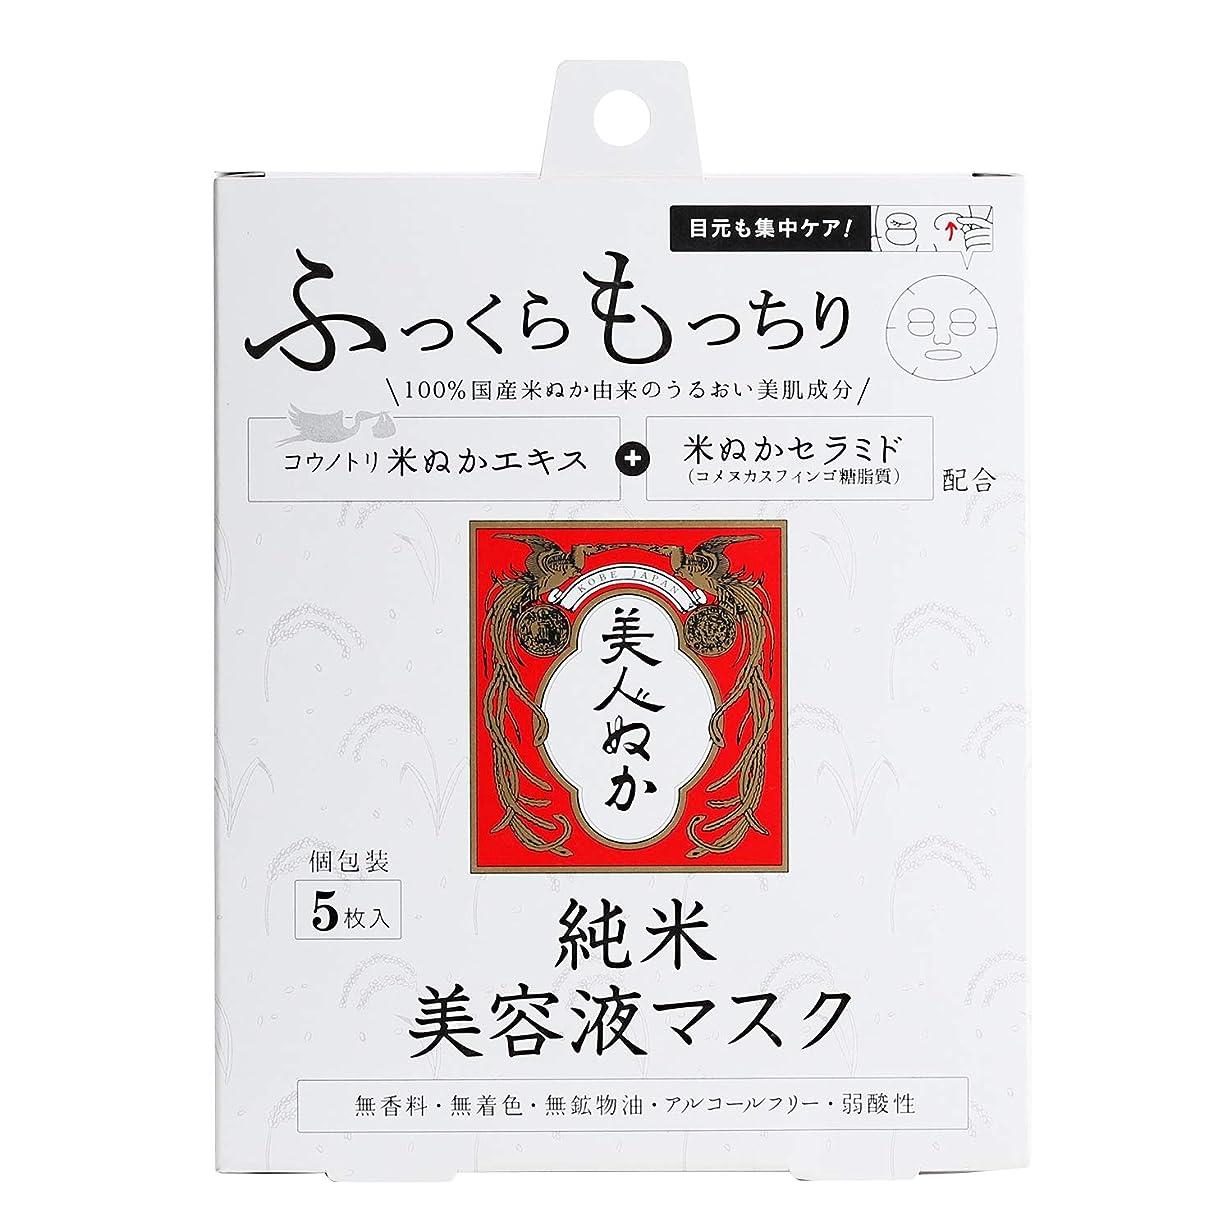 文字真鍮大胆な純米美容液マスク 5枚入